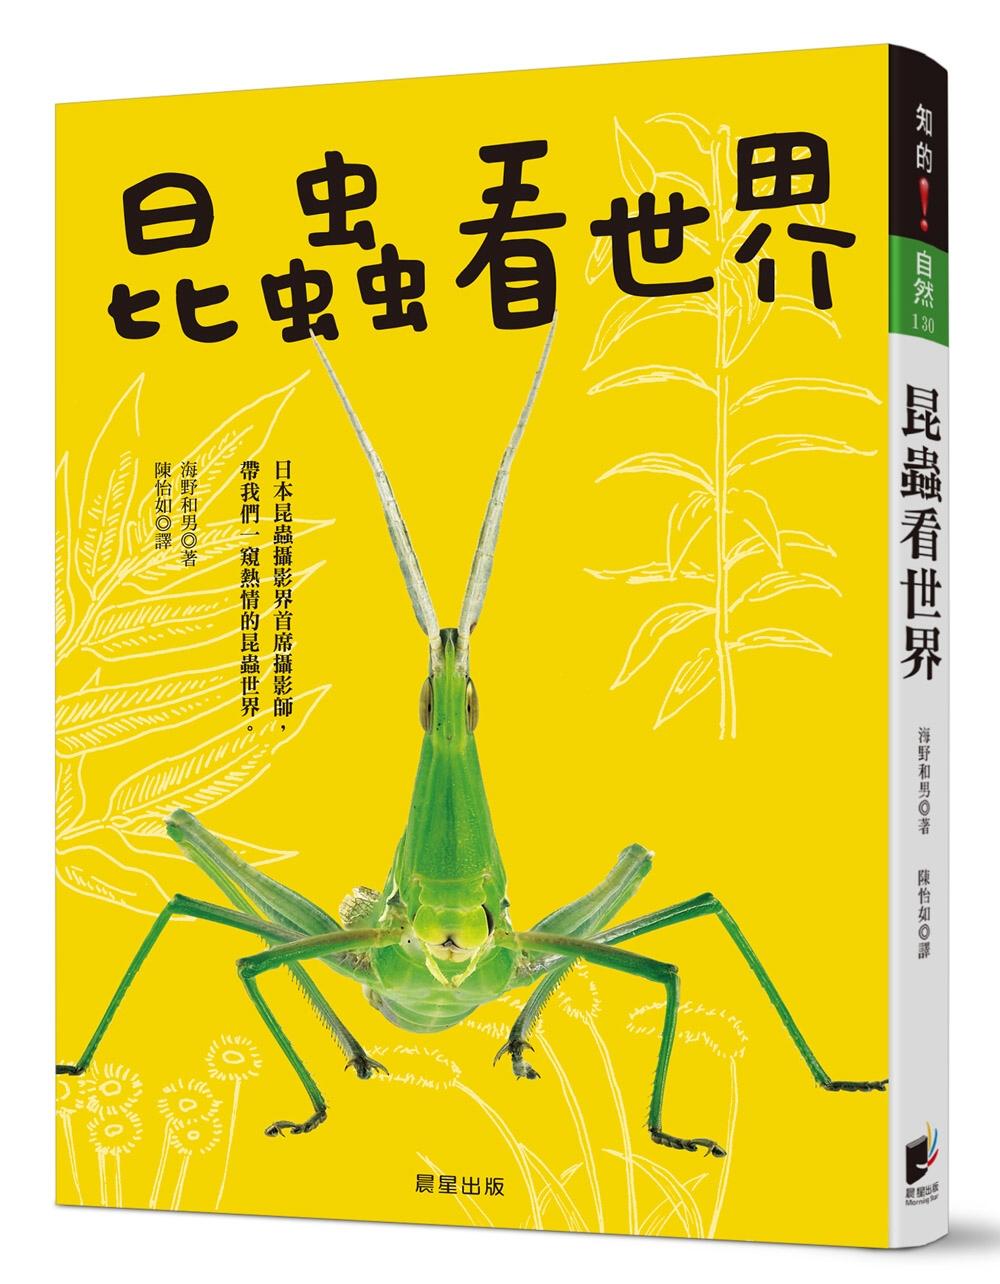 ◤博客來BOOKS◢ 暢銷書榜《推薦》昆蟲看世界